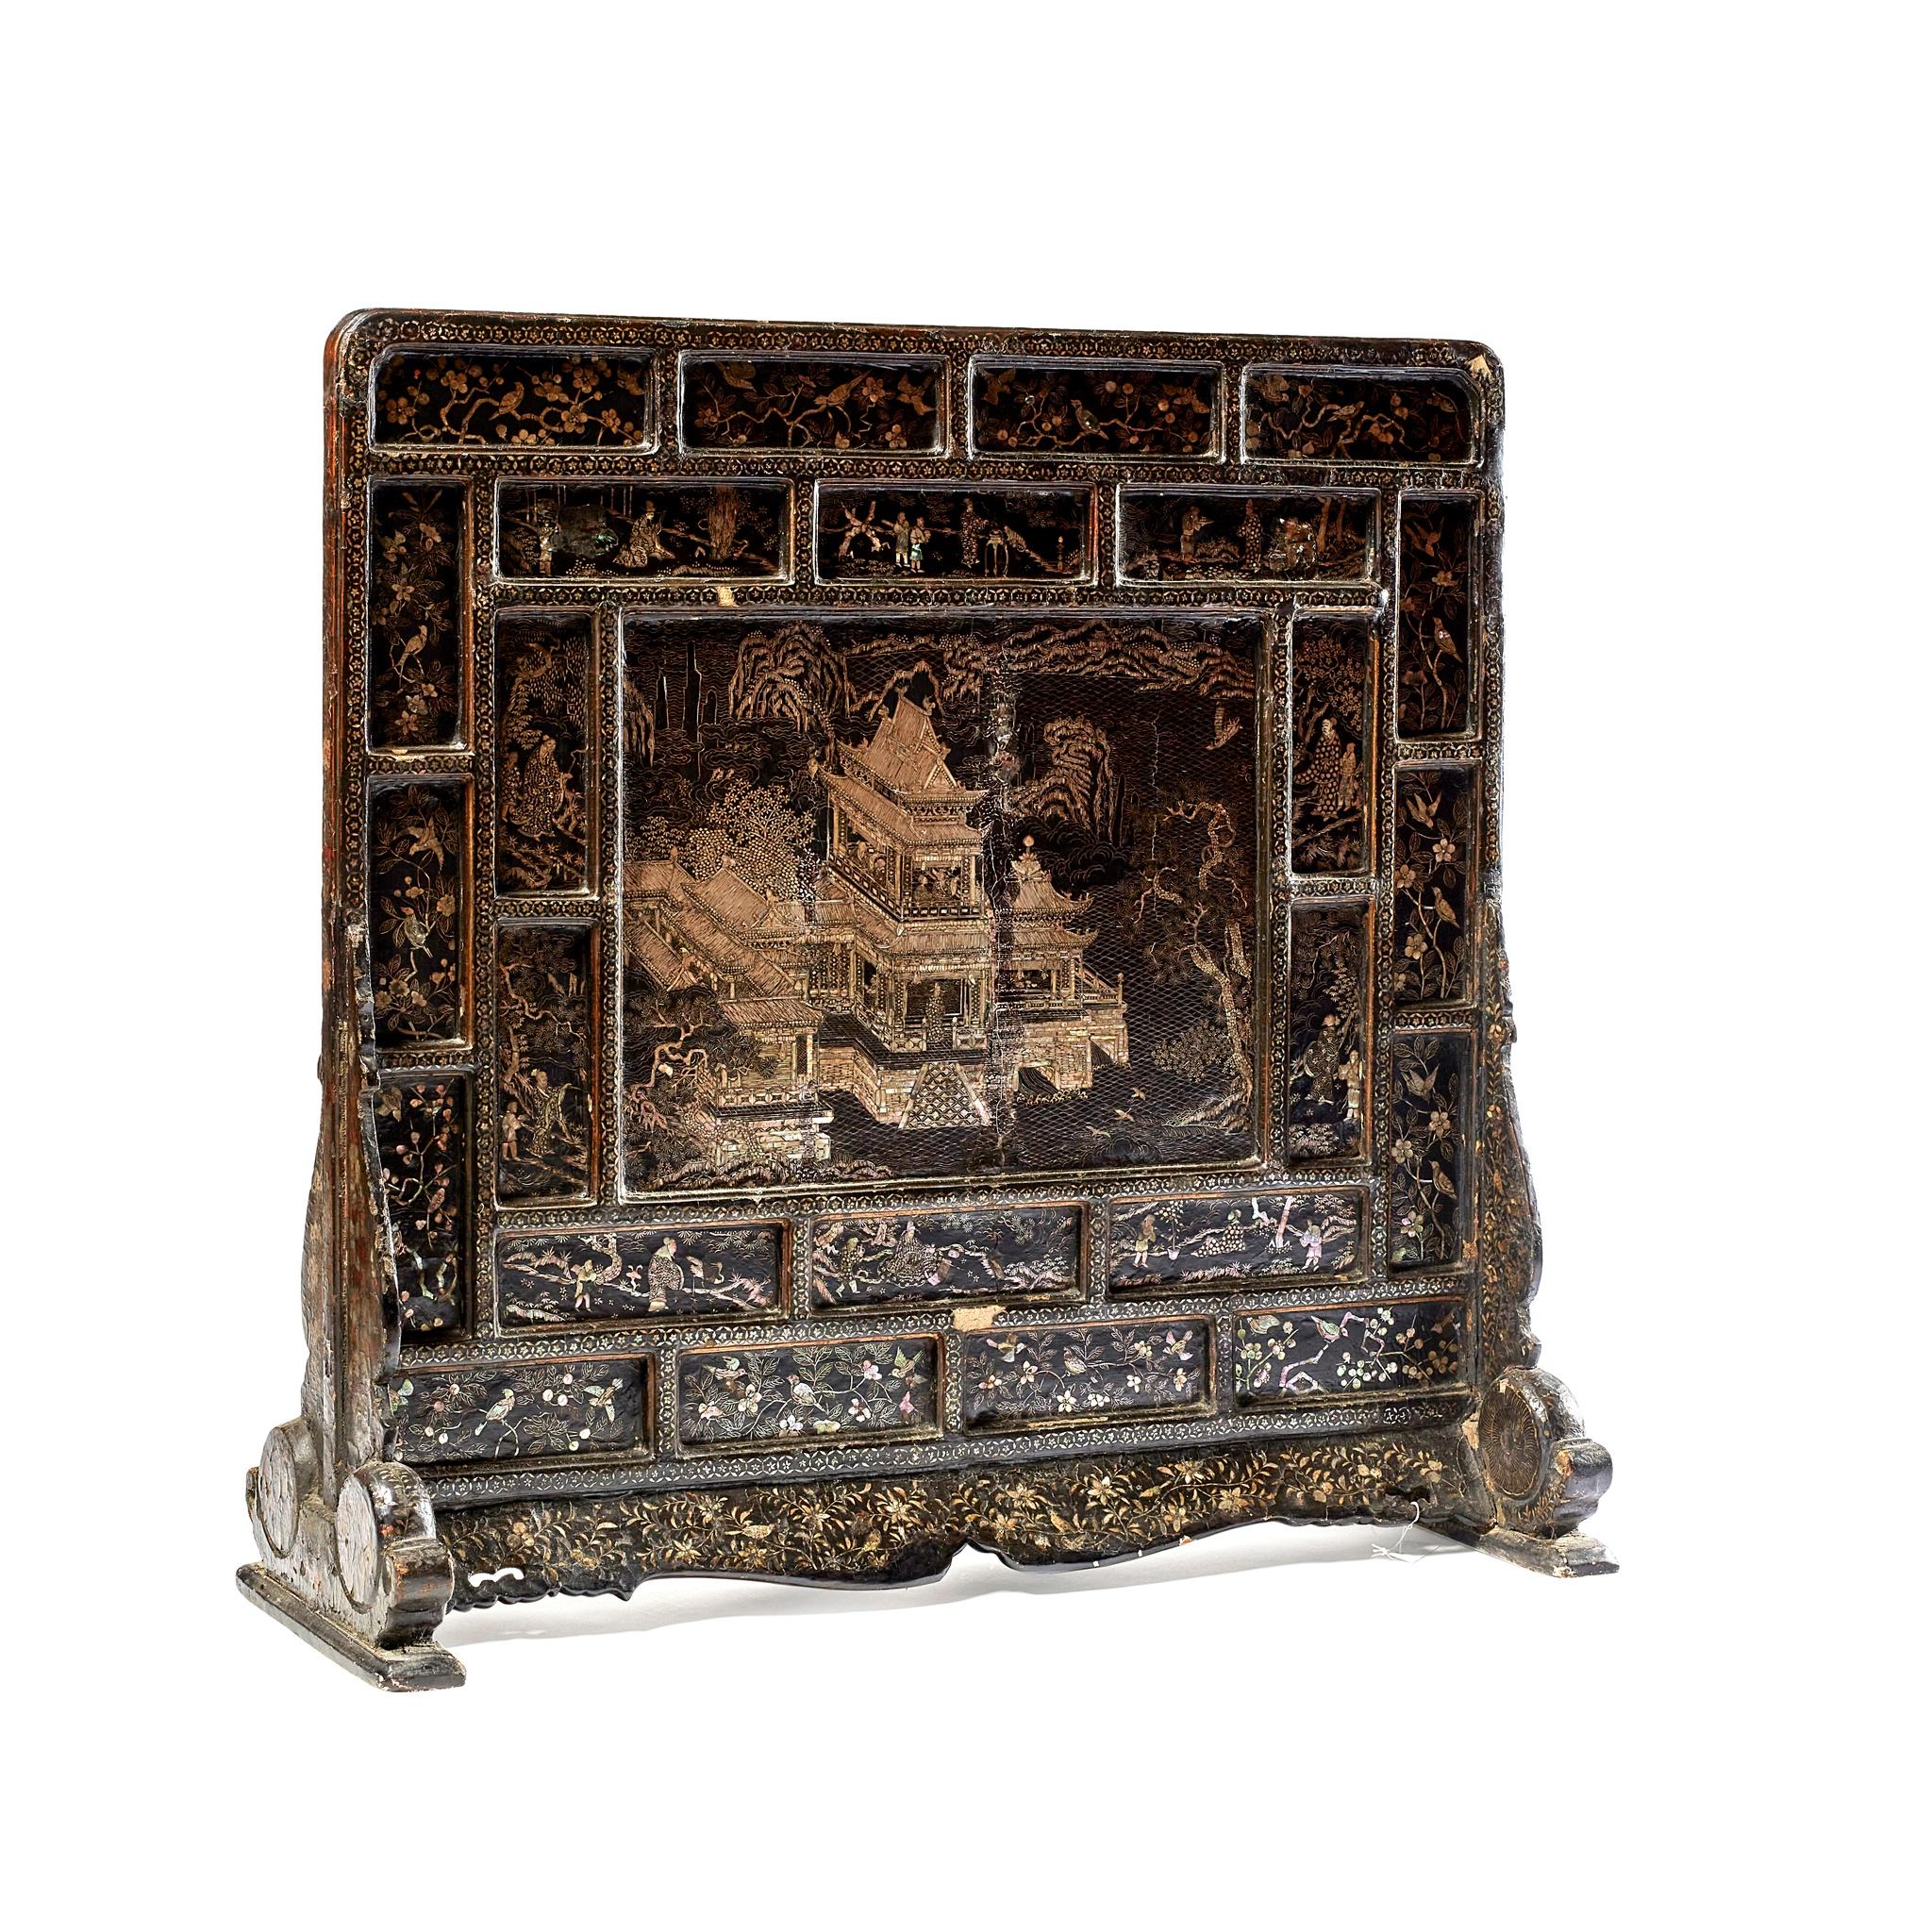 93cm x 95.5cm  Provenance:  W.B. Dunlop, Seton Castle, East Lothian By direct family descent